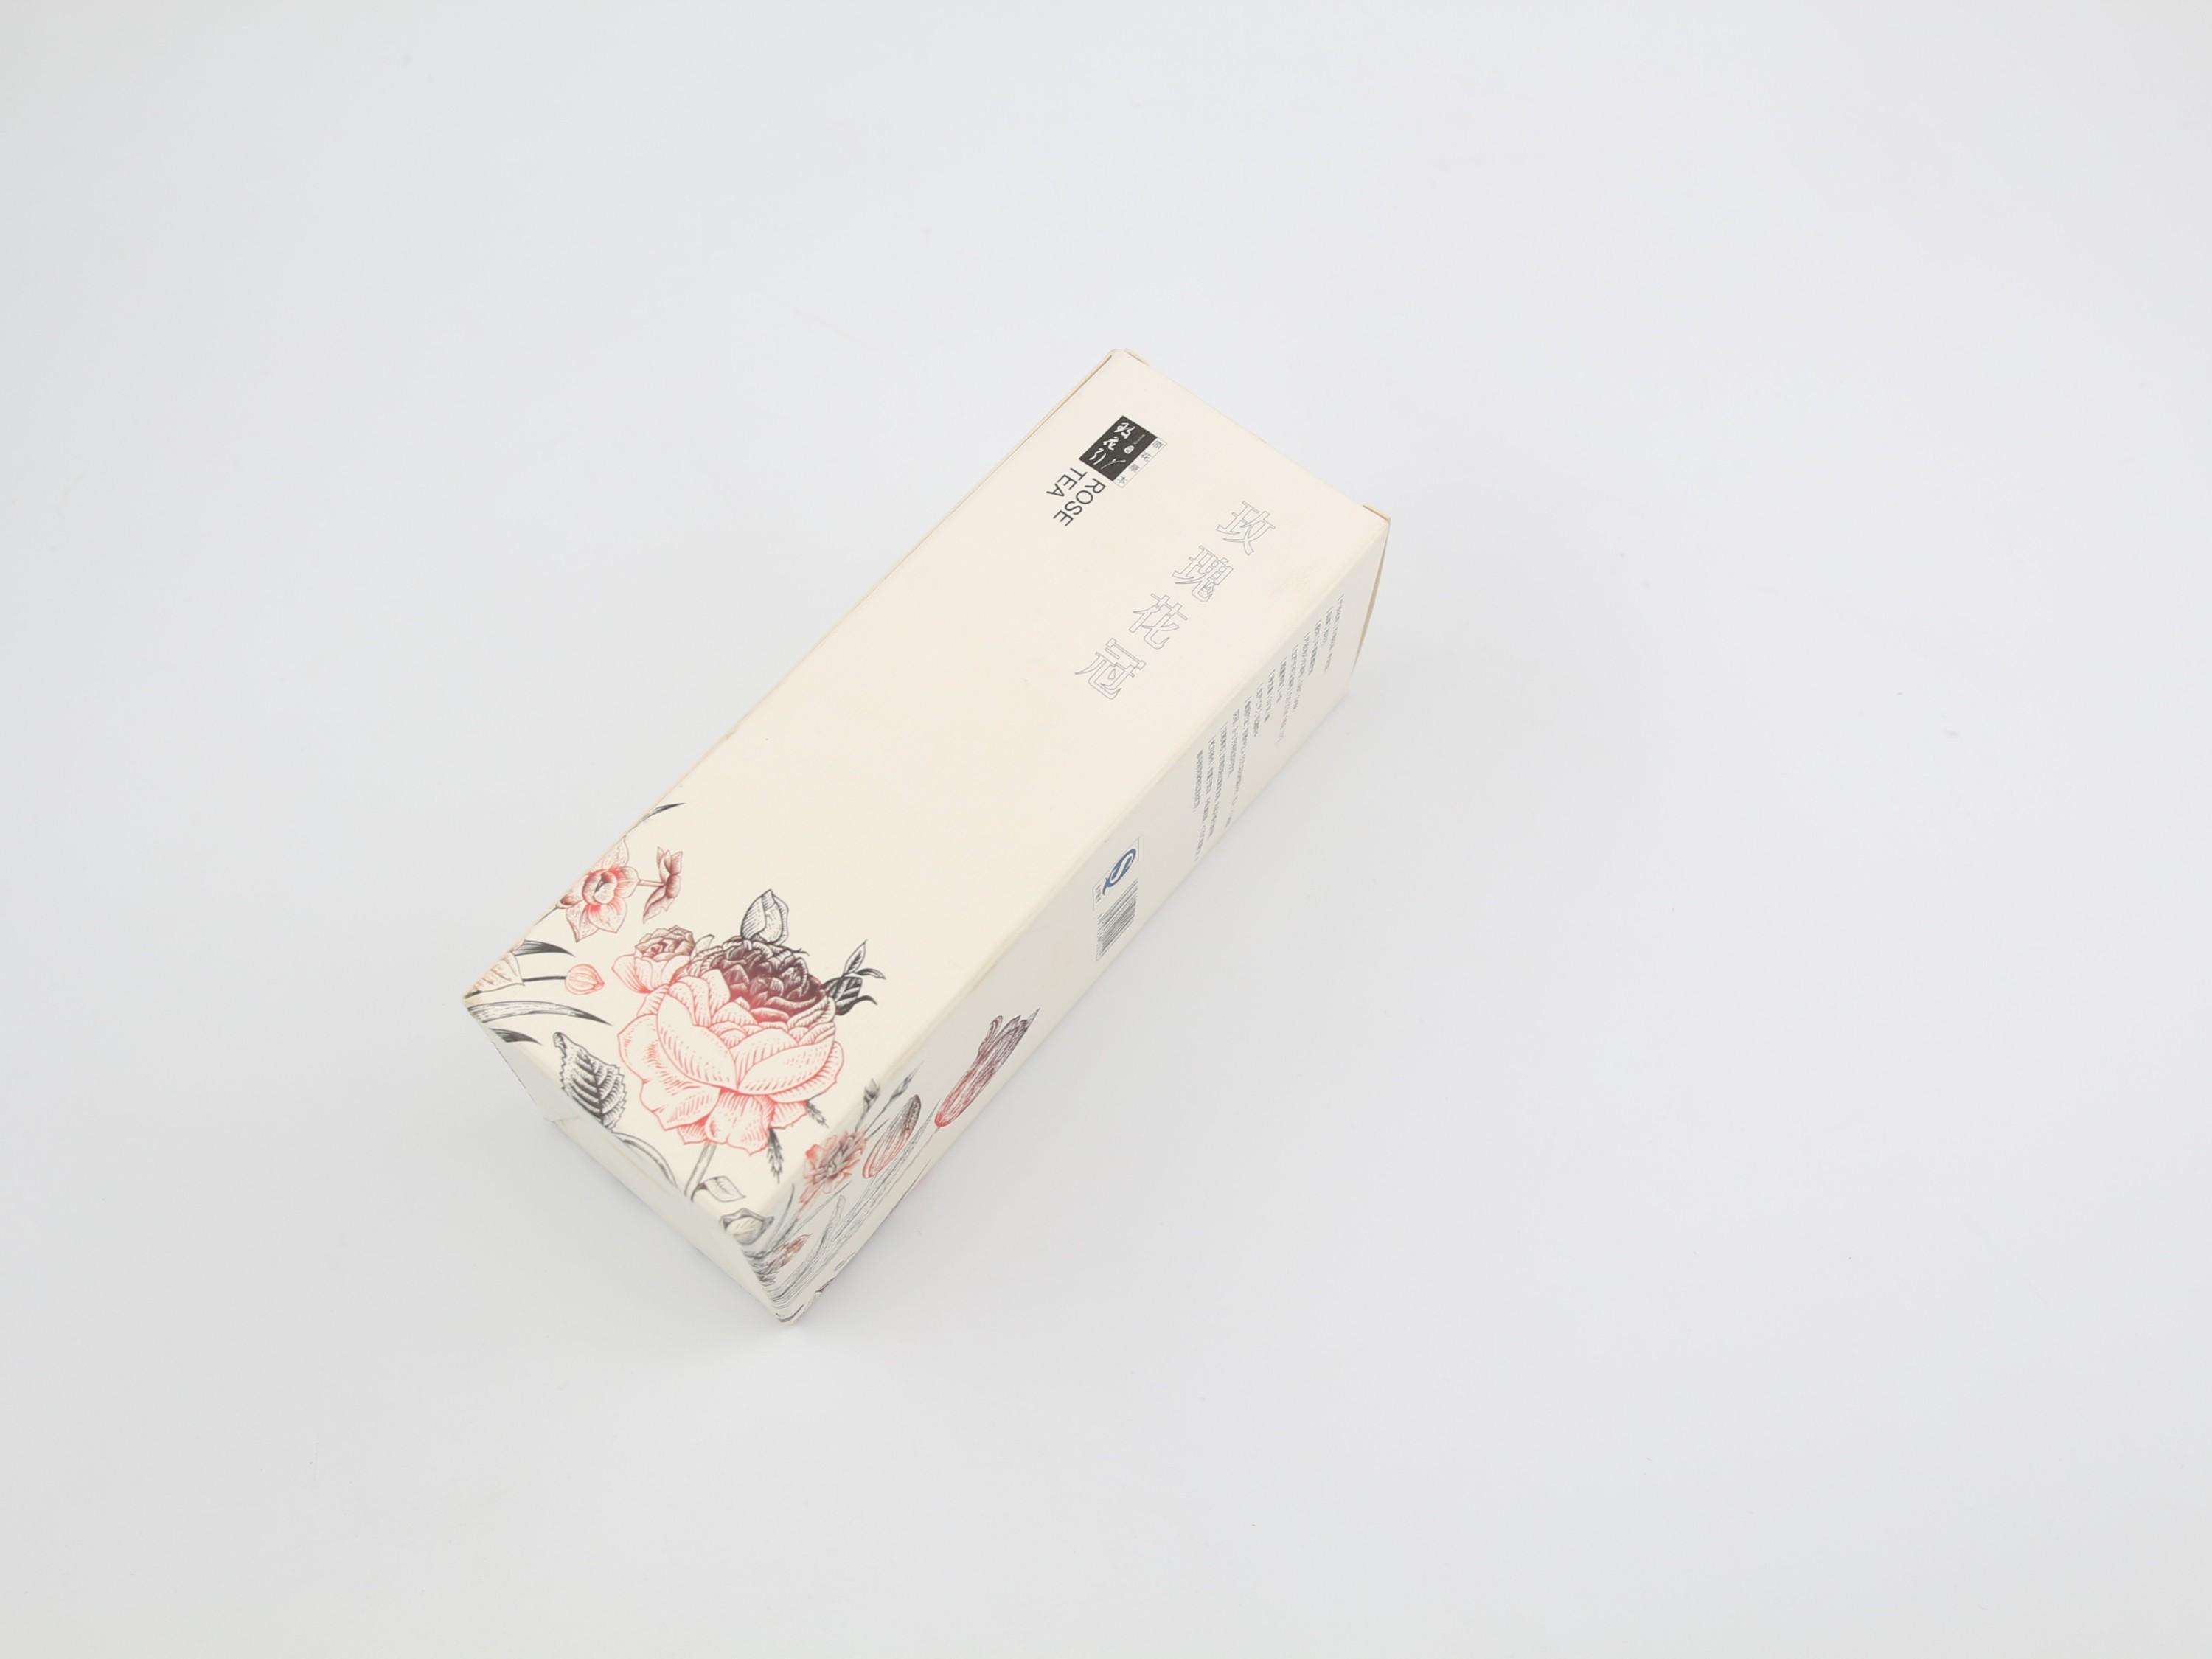 茶叶通用包装和定制包装如何选?济南茶叶包装盒生产厂家为您解答